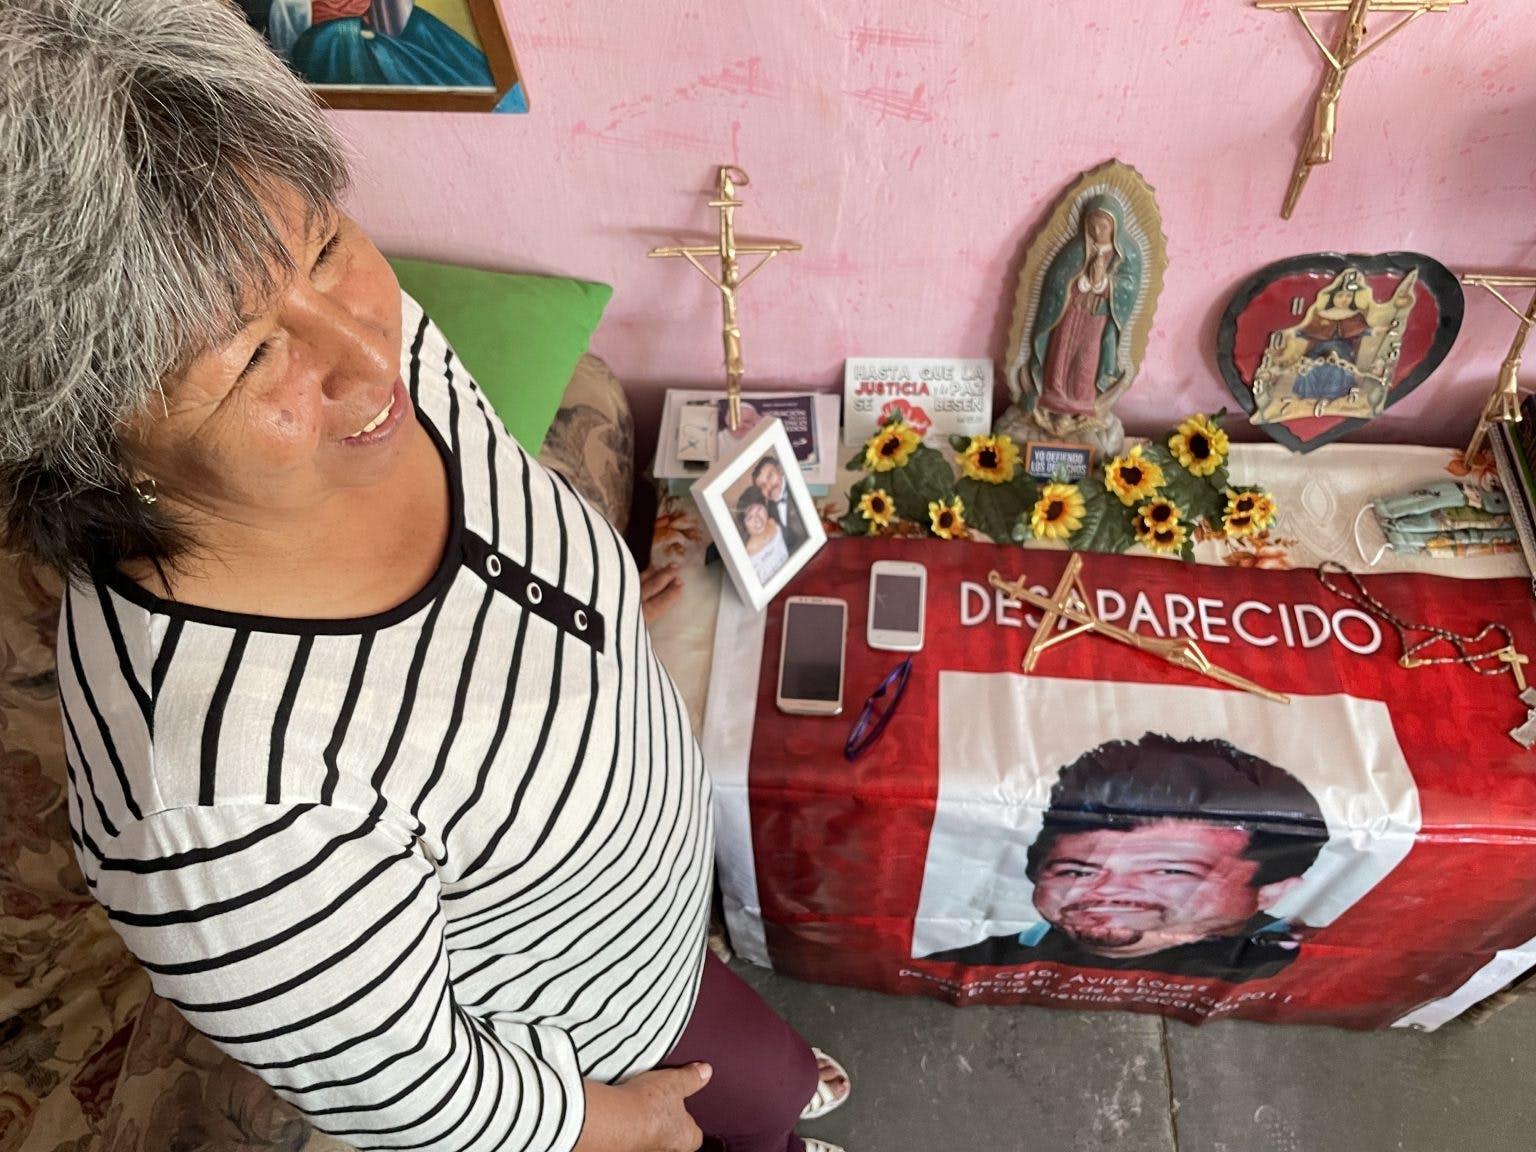 Desapareciso en Juarez.